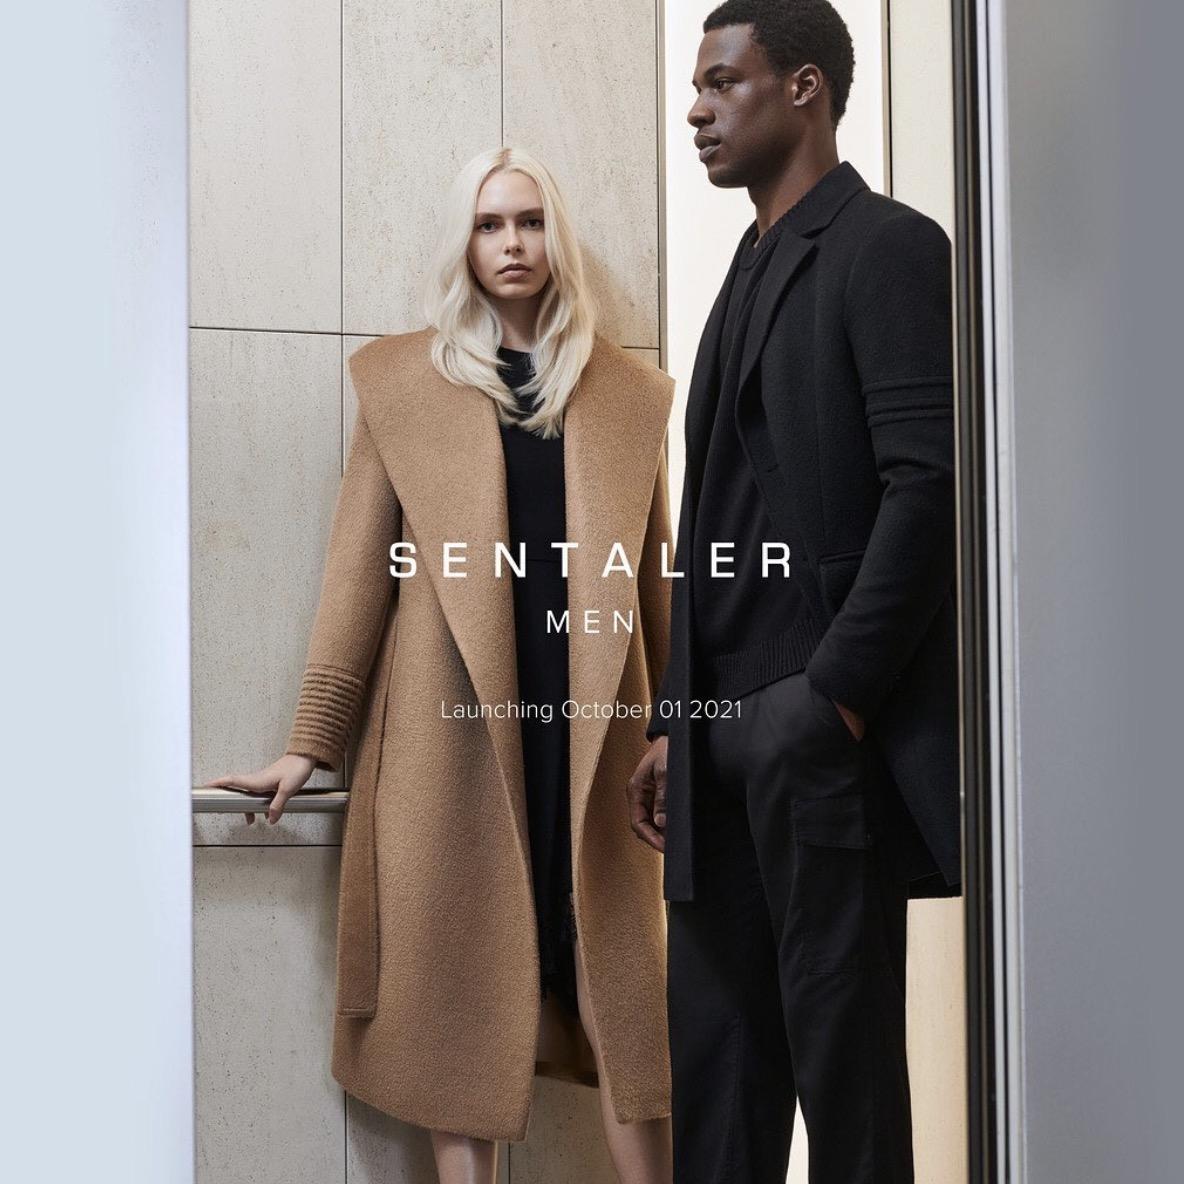 sentaler men